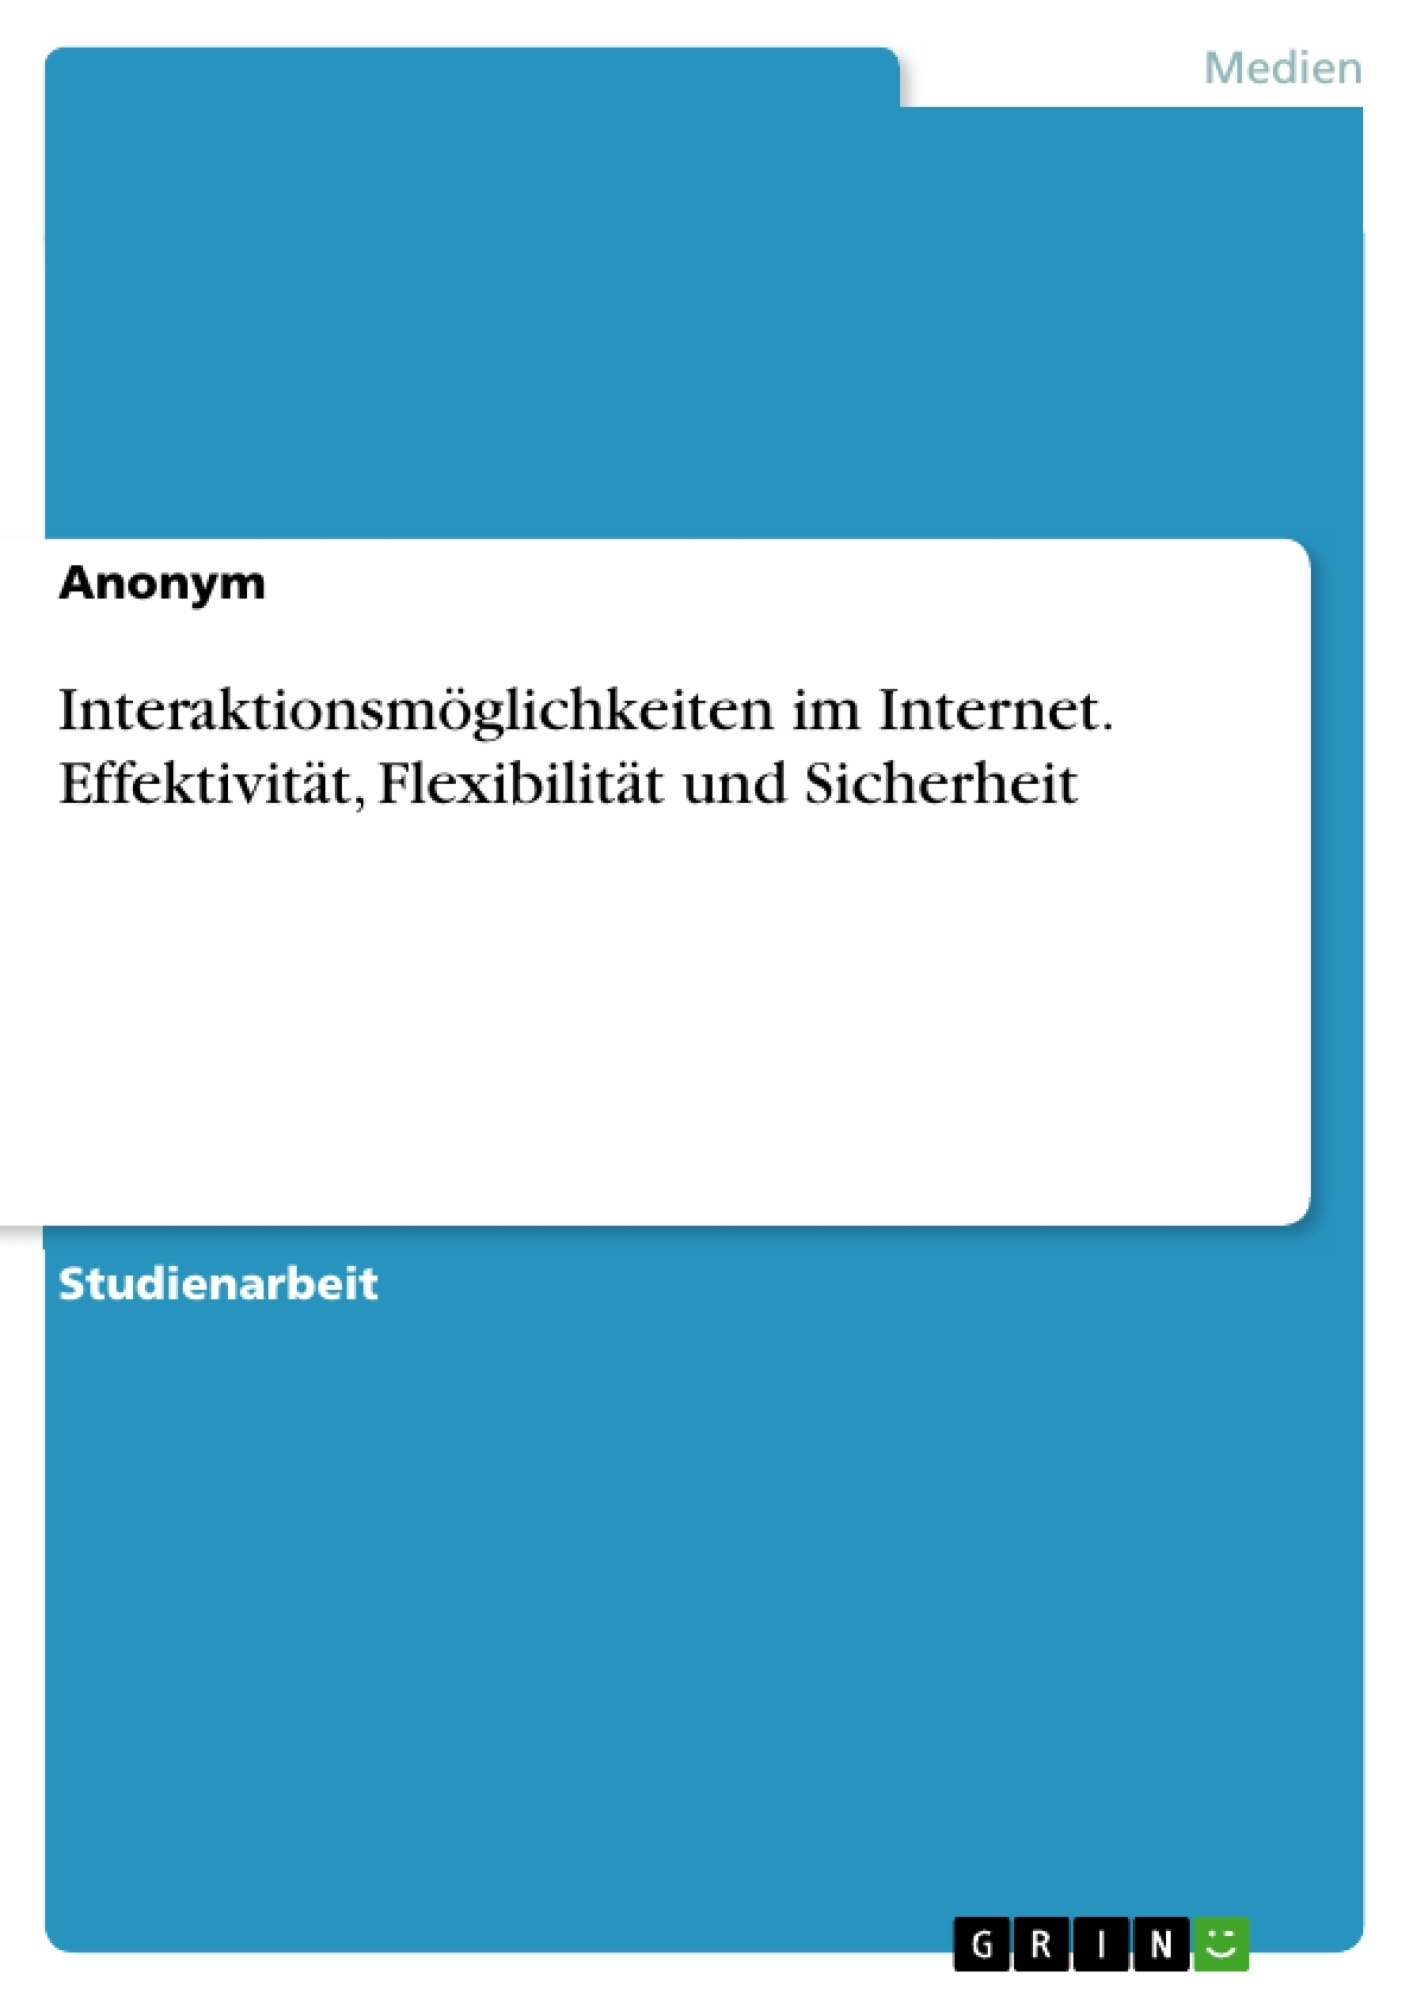 Titel: Interaktionsmöglichkeiten im Internet. Effektivität, Flexibilität und Sicherheit